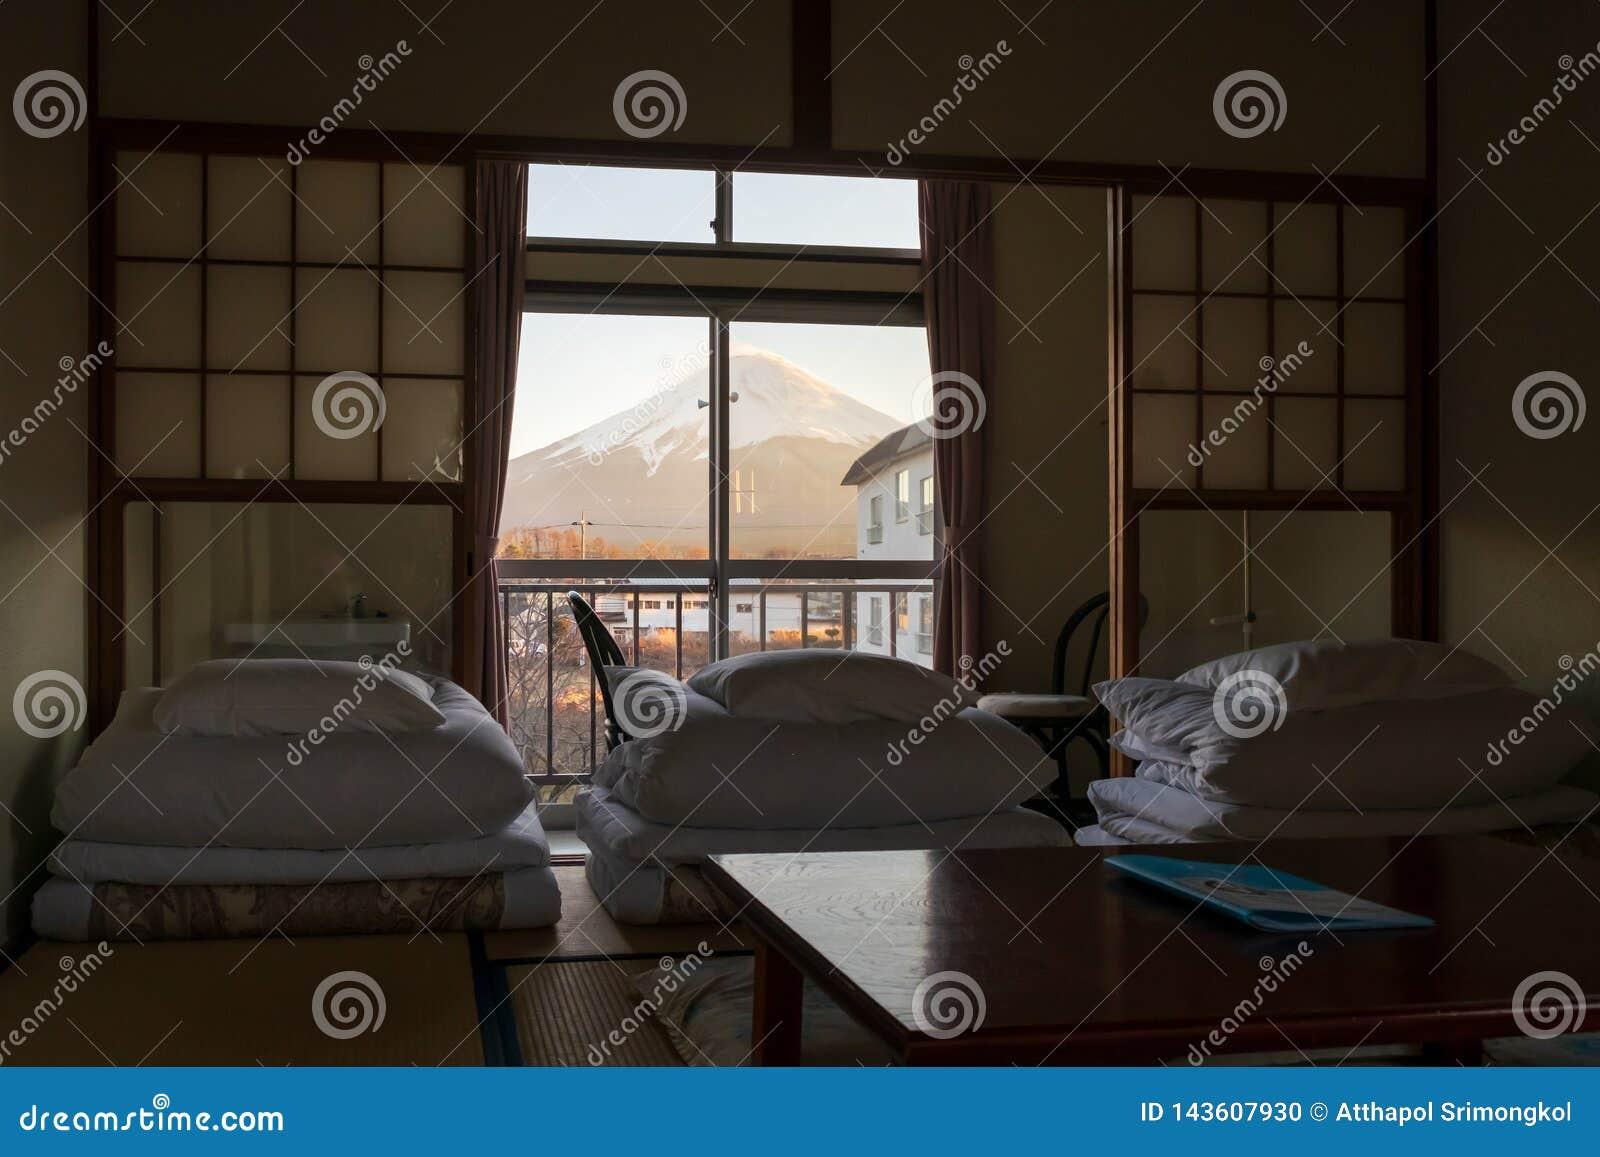 O colchão foi dobrado a pavimentar o sono em esteiras no estilo japonês e nas vistas de Monte Fuji na janela exterior